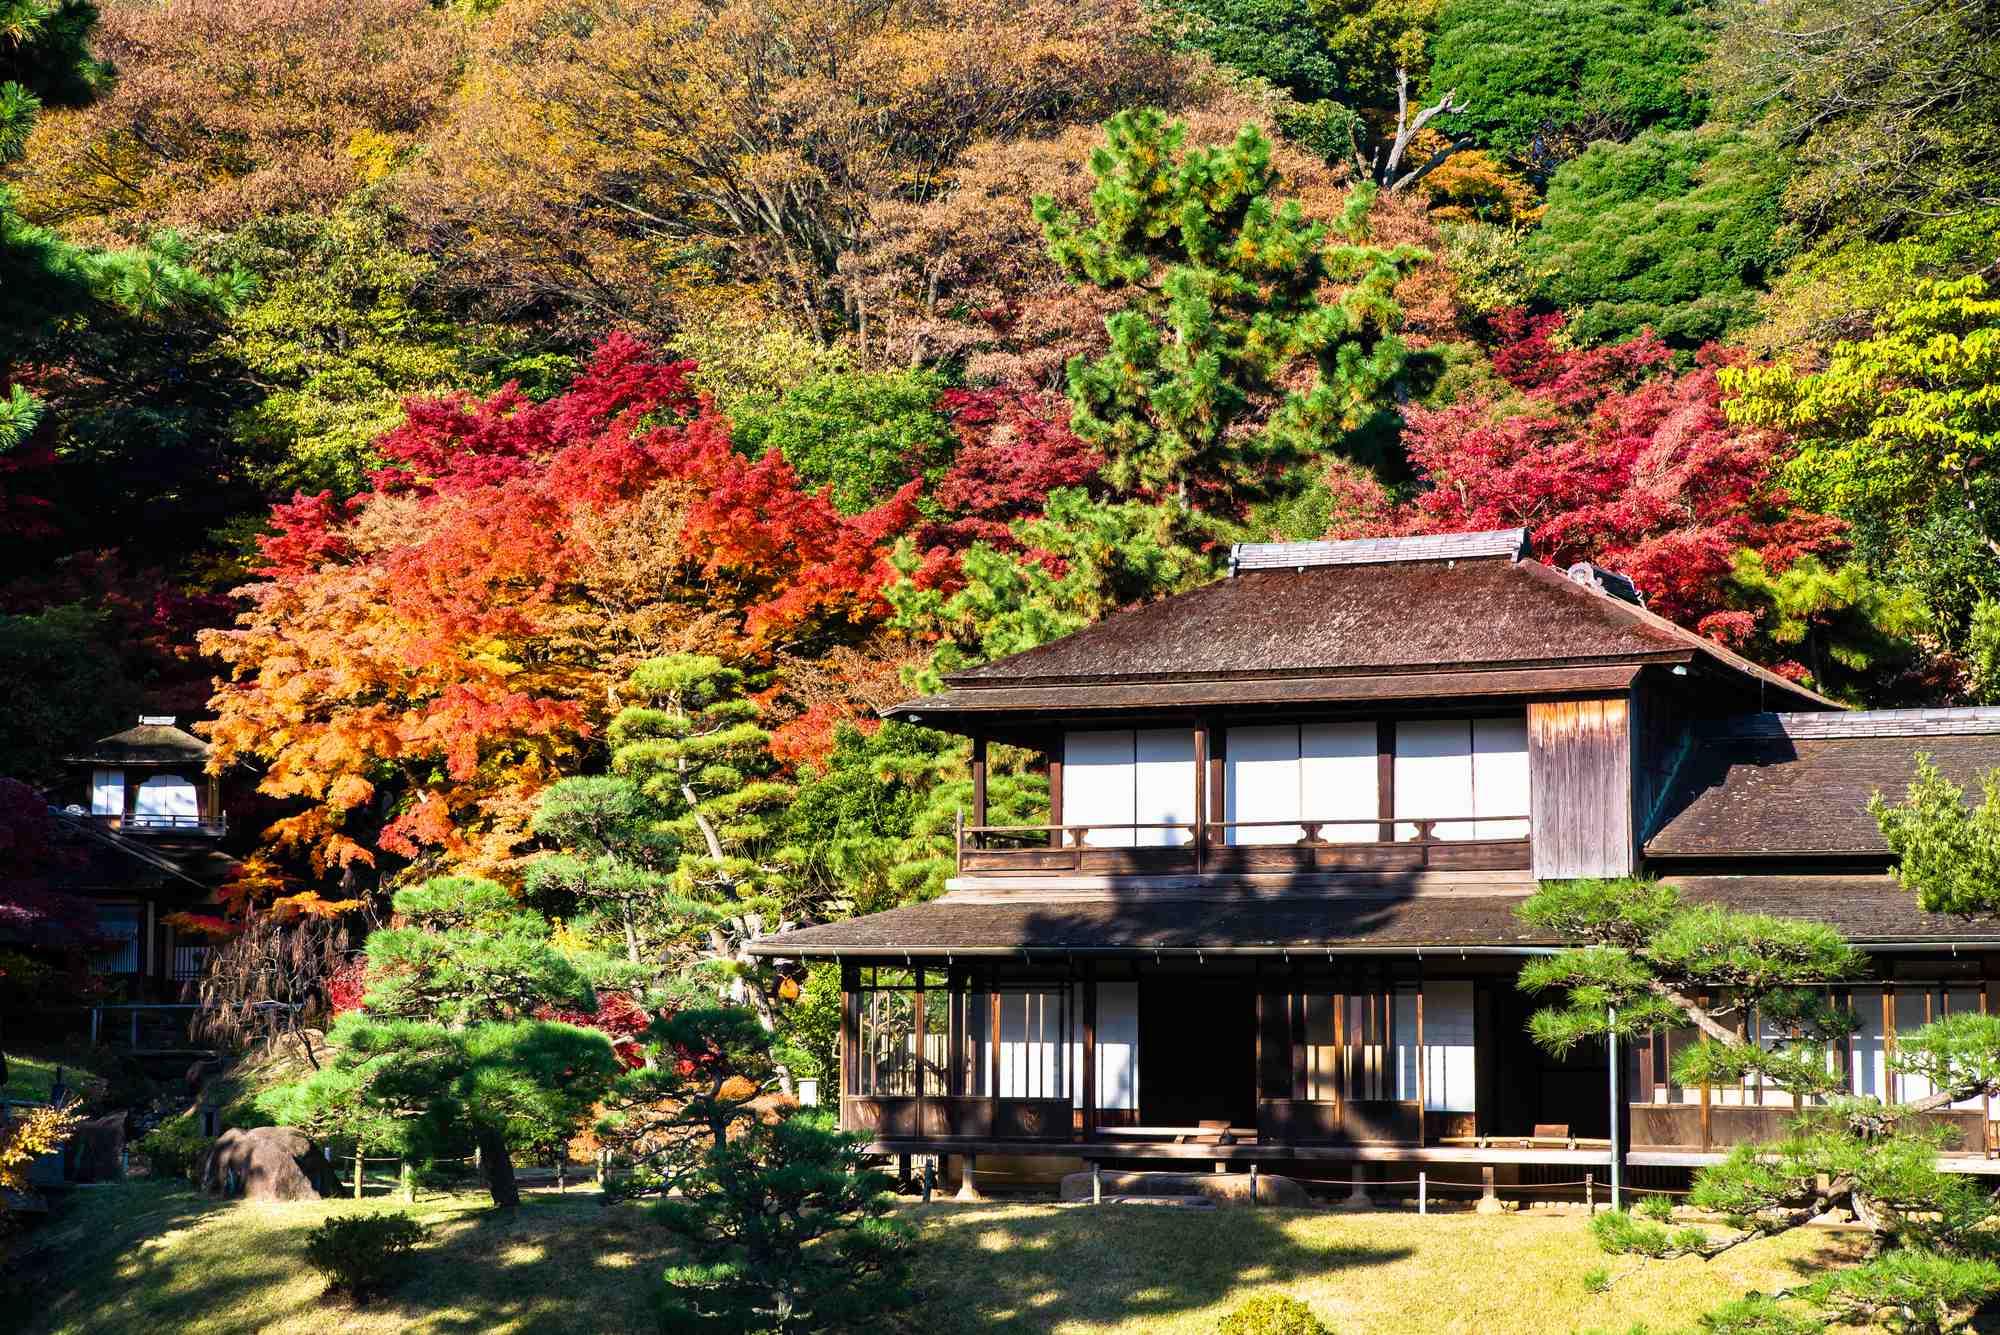 Sankei Garden The Gate Japan Travel Magazine Find Tourism Travel Info